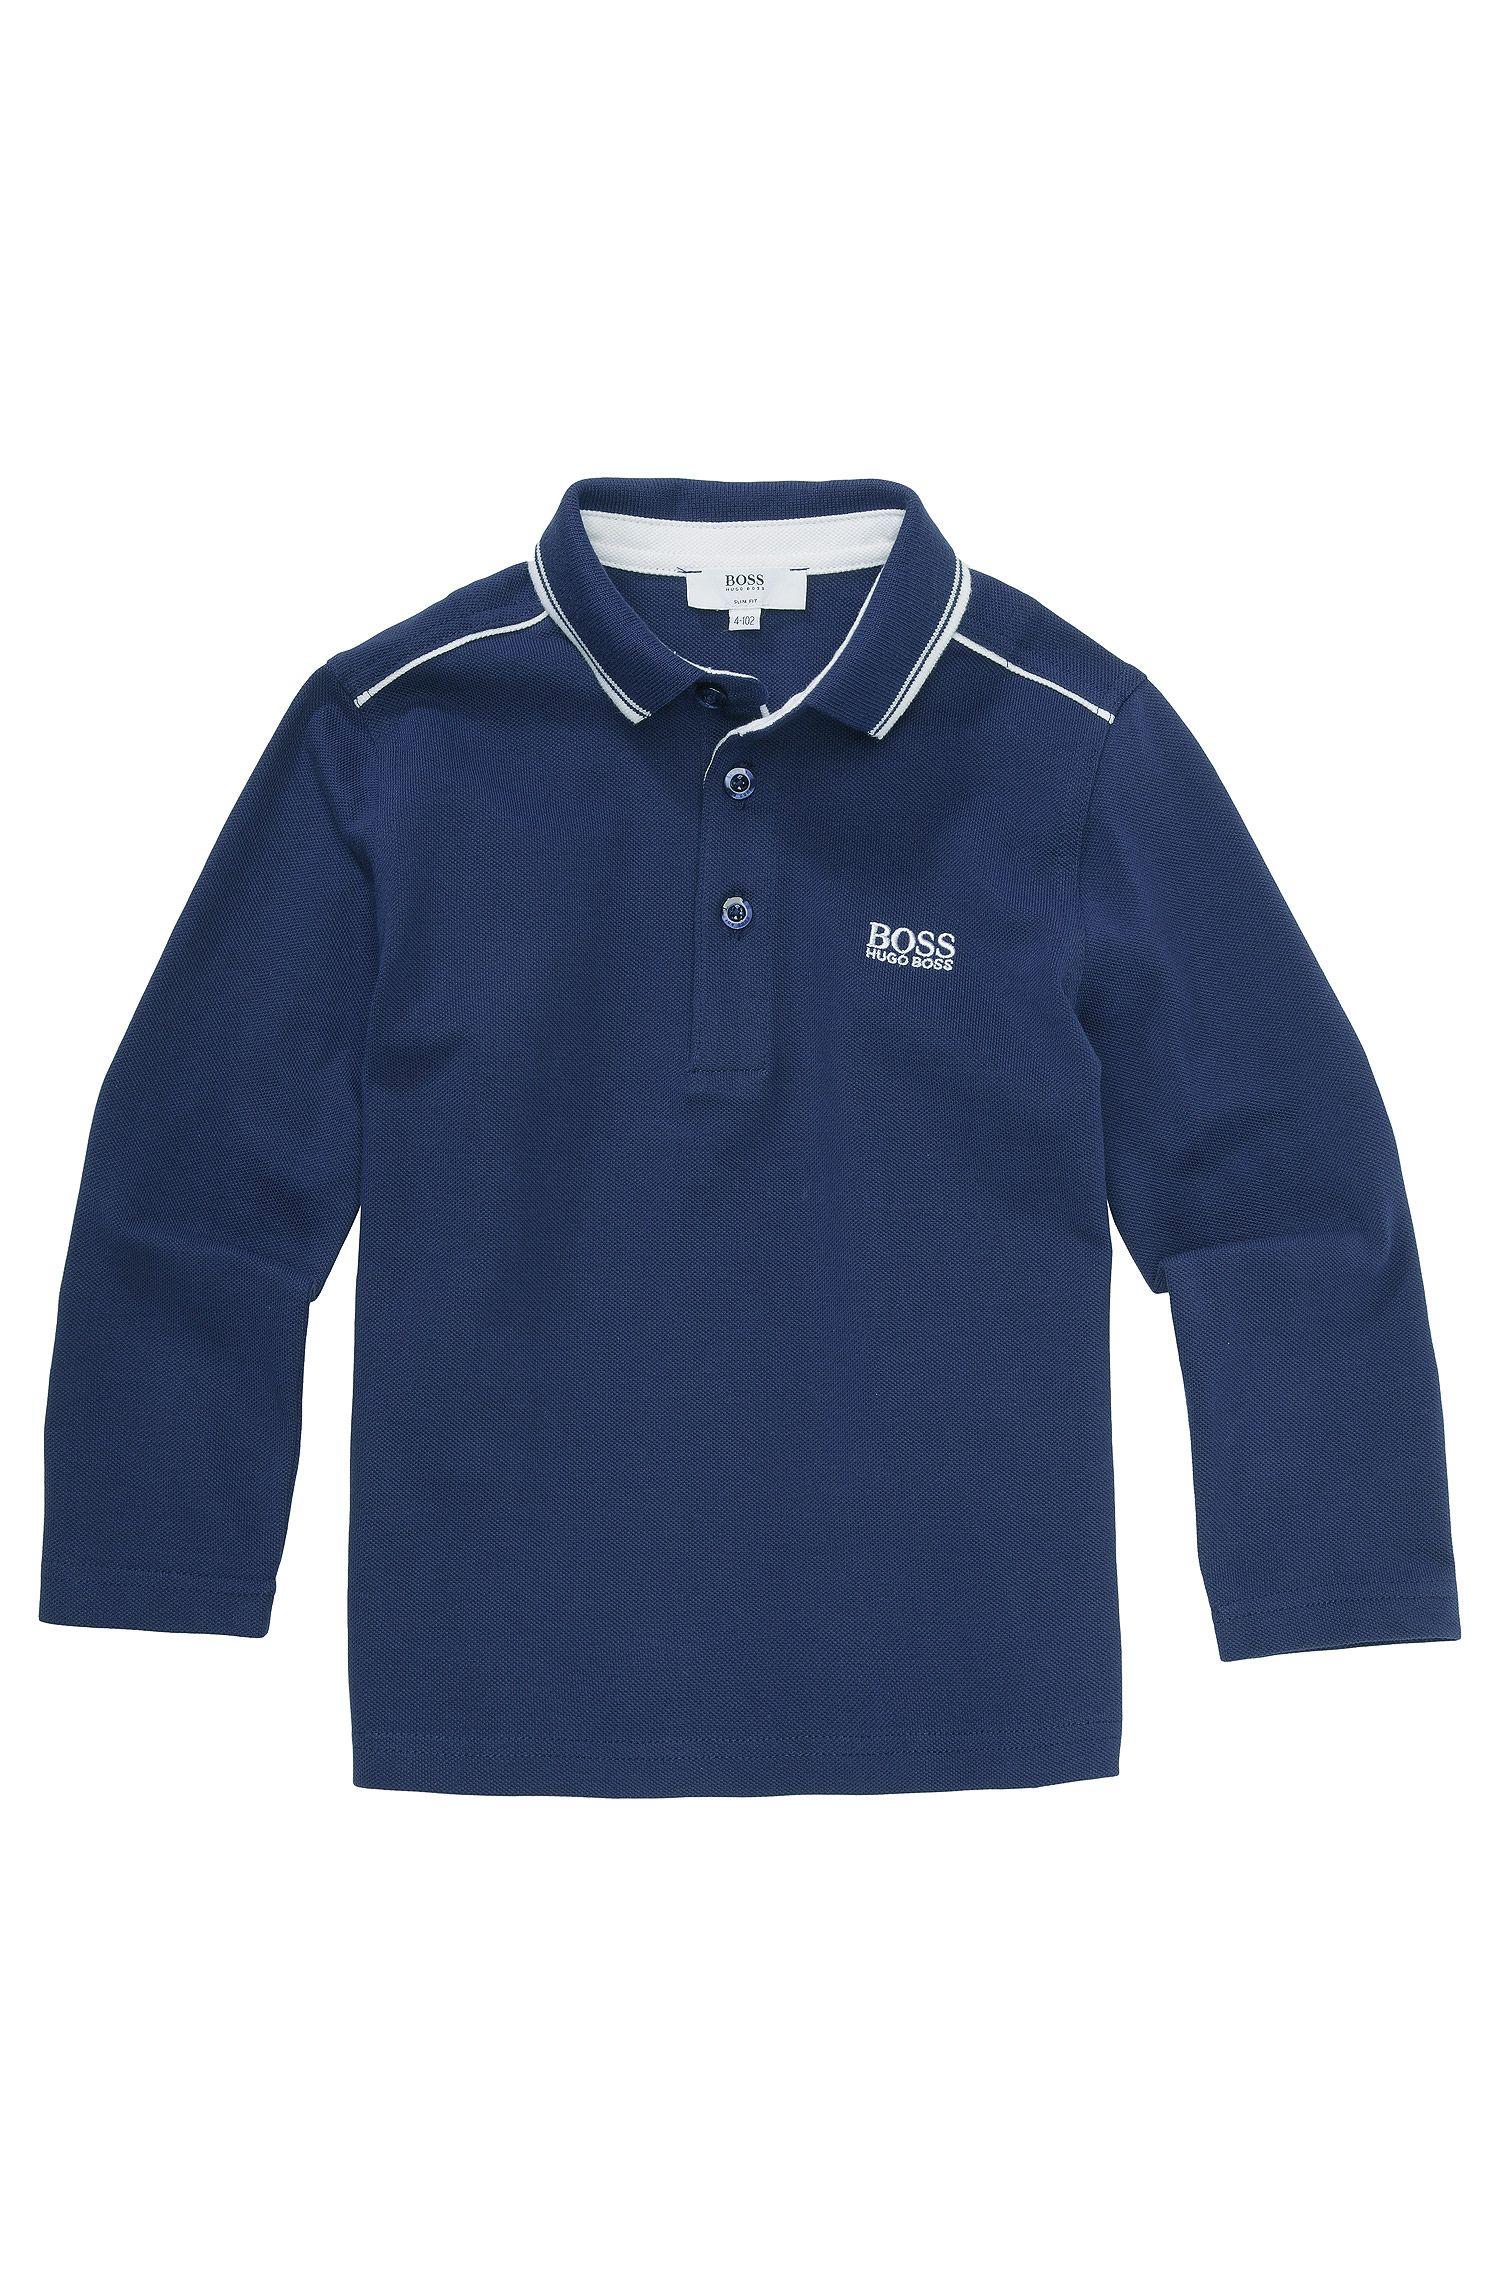 Polo à manches longues pour enfant «J25810» en coton